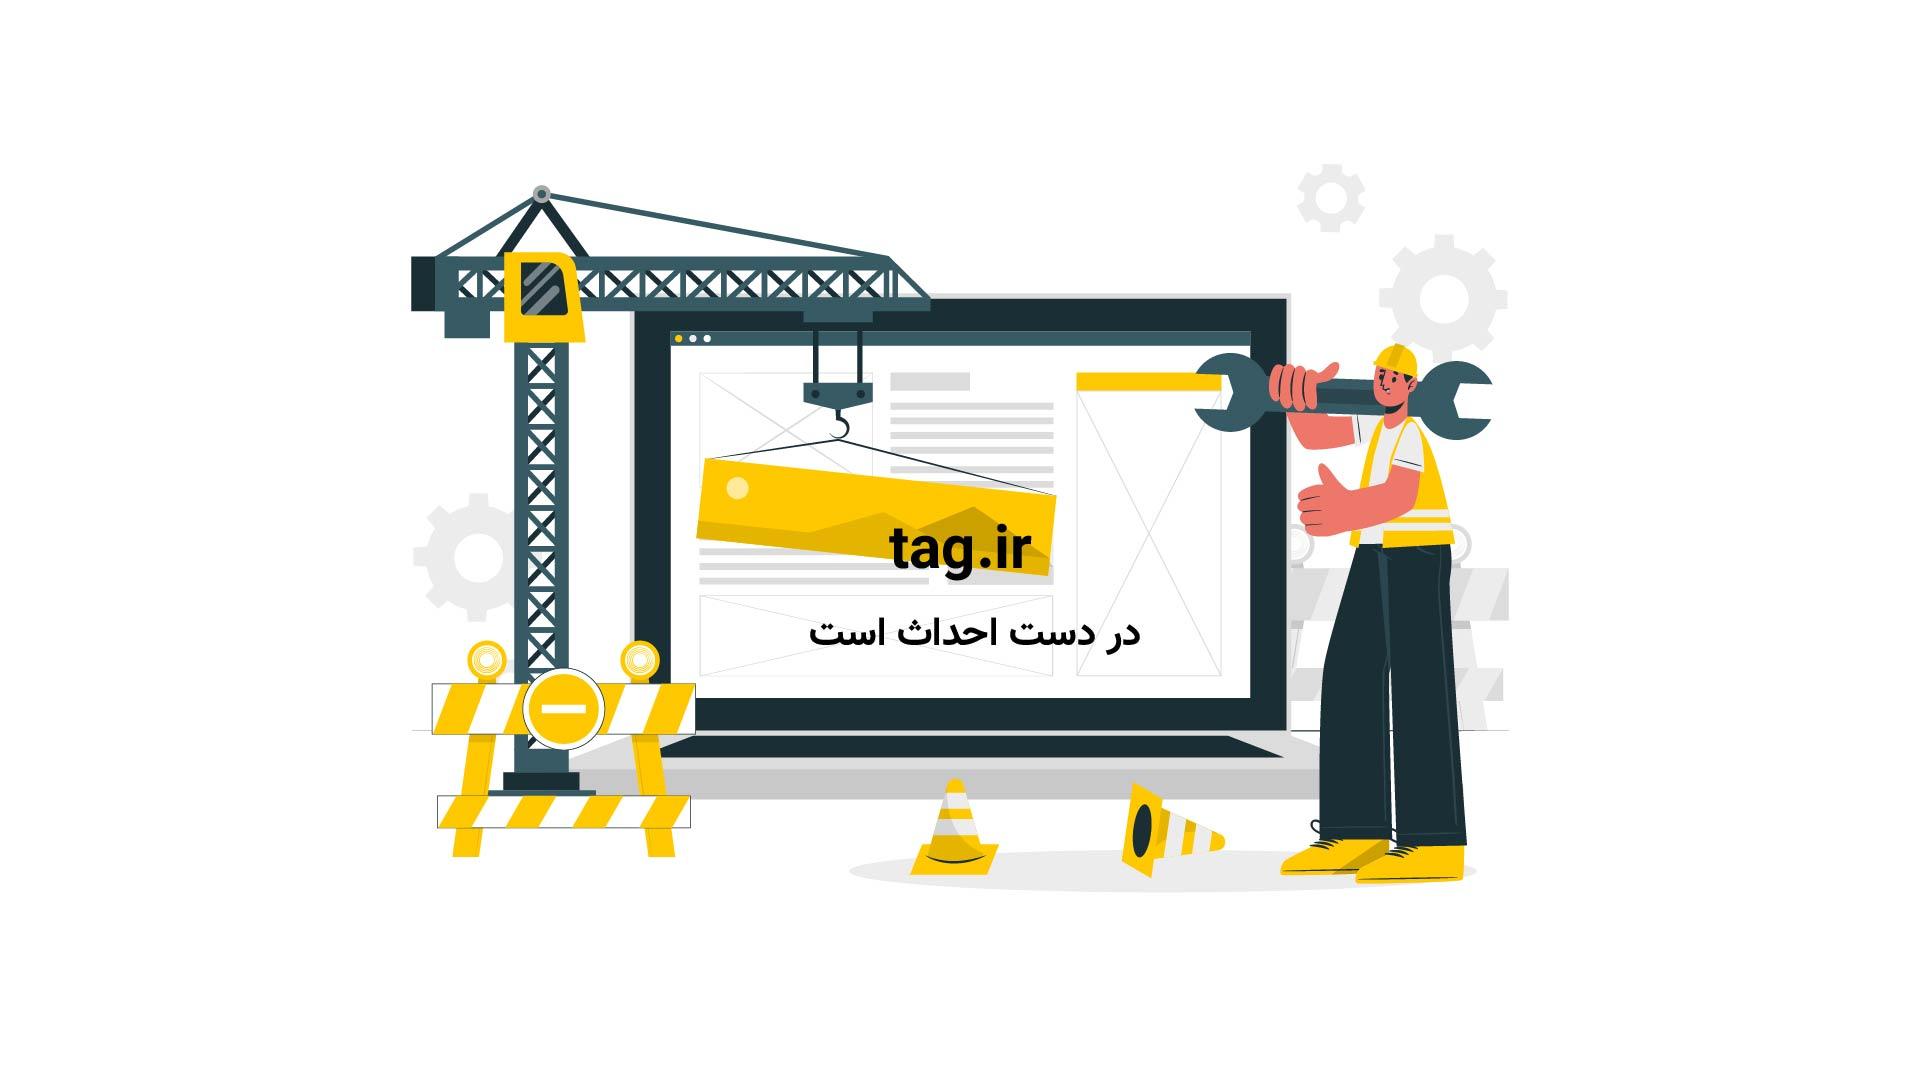 نقاشی سه بعدی قلب | تگ